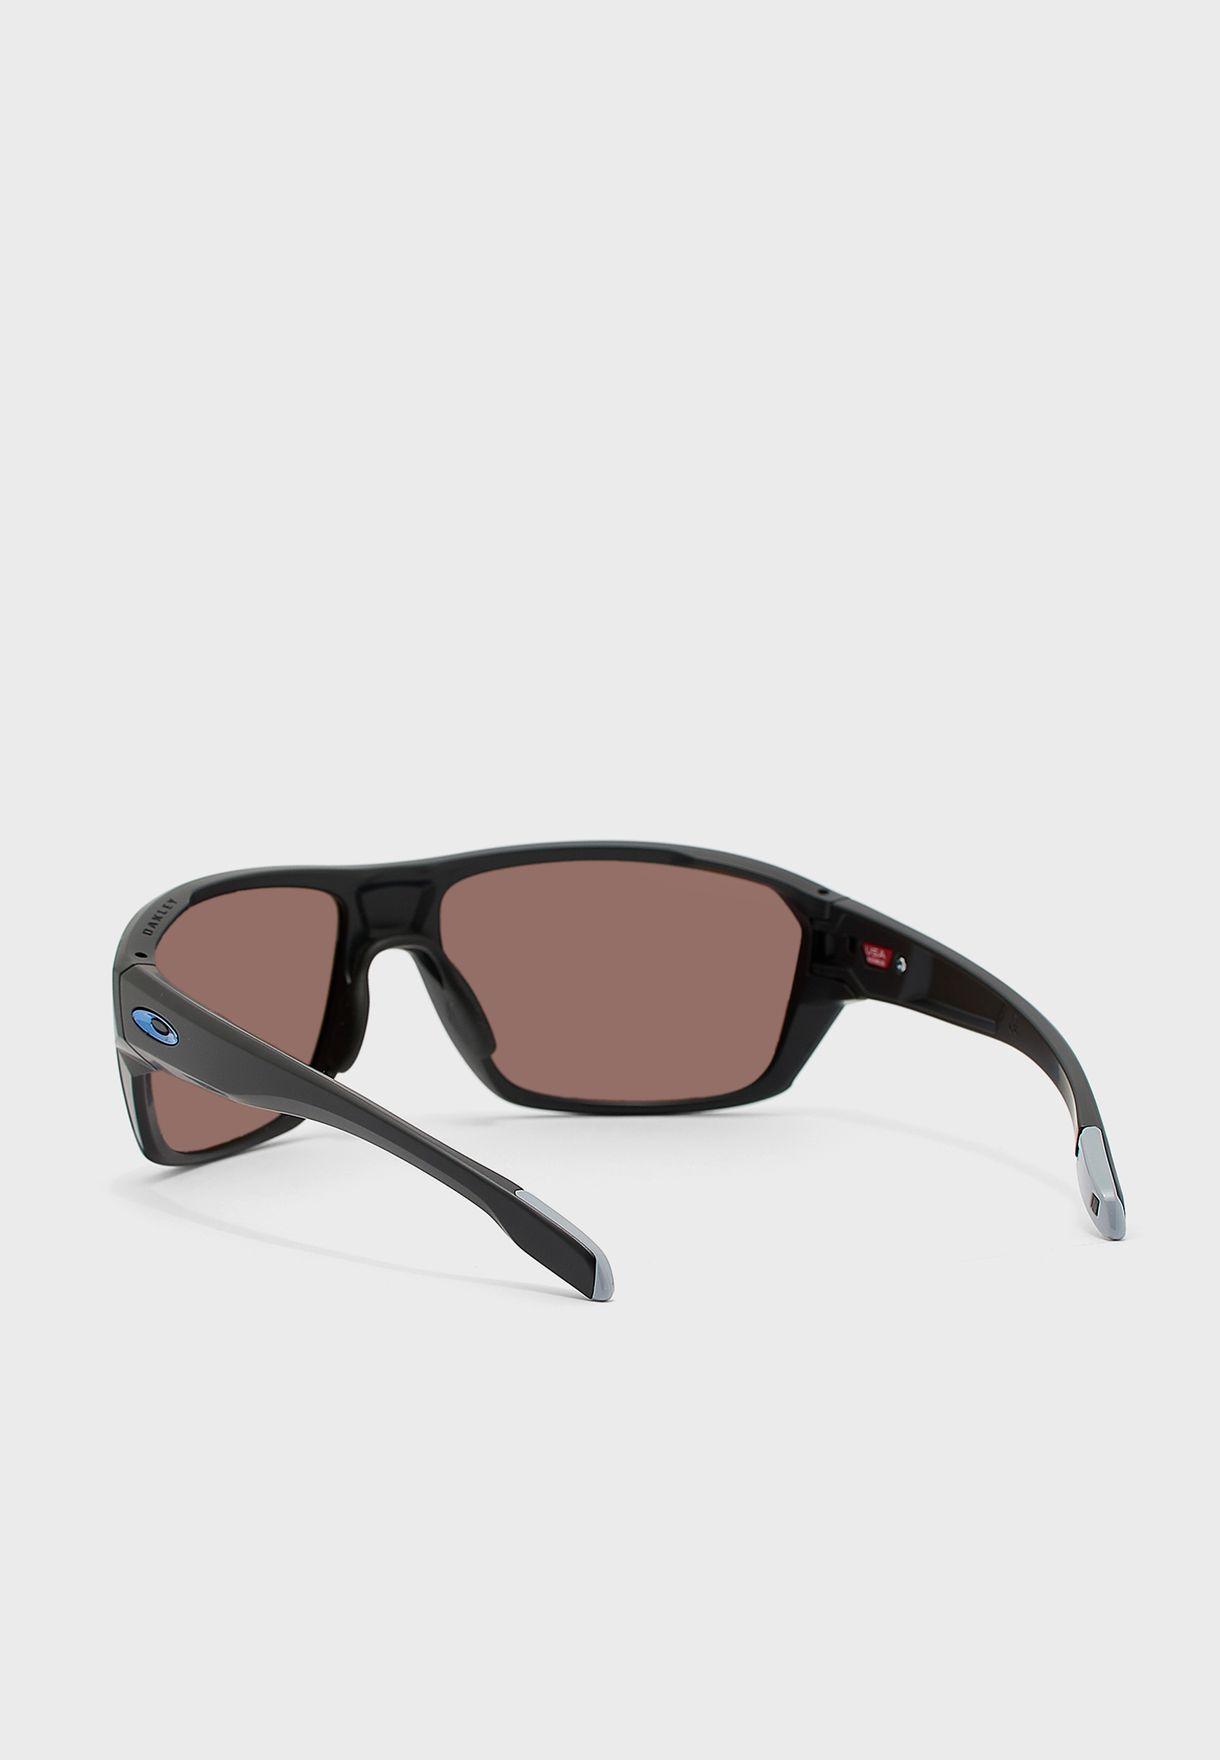 نظارة شمسية مستطيلة 0Oo9416